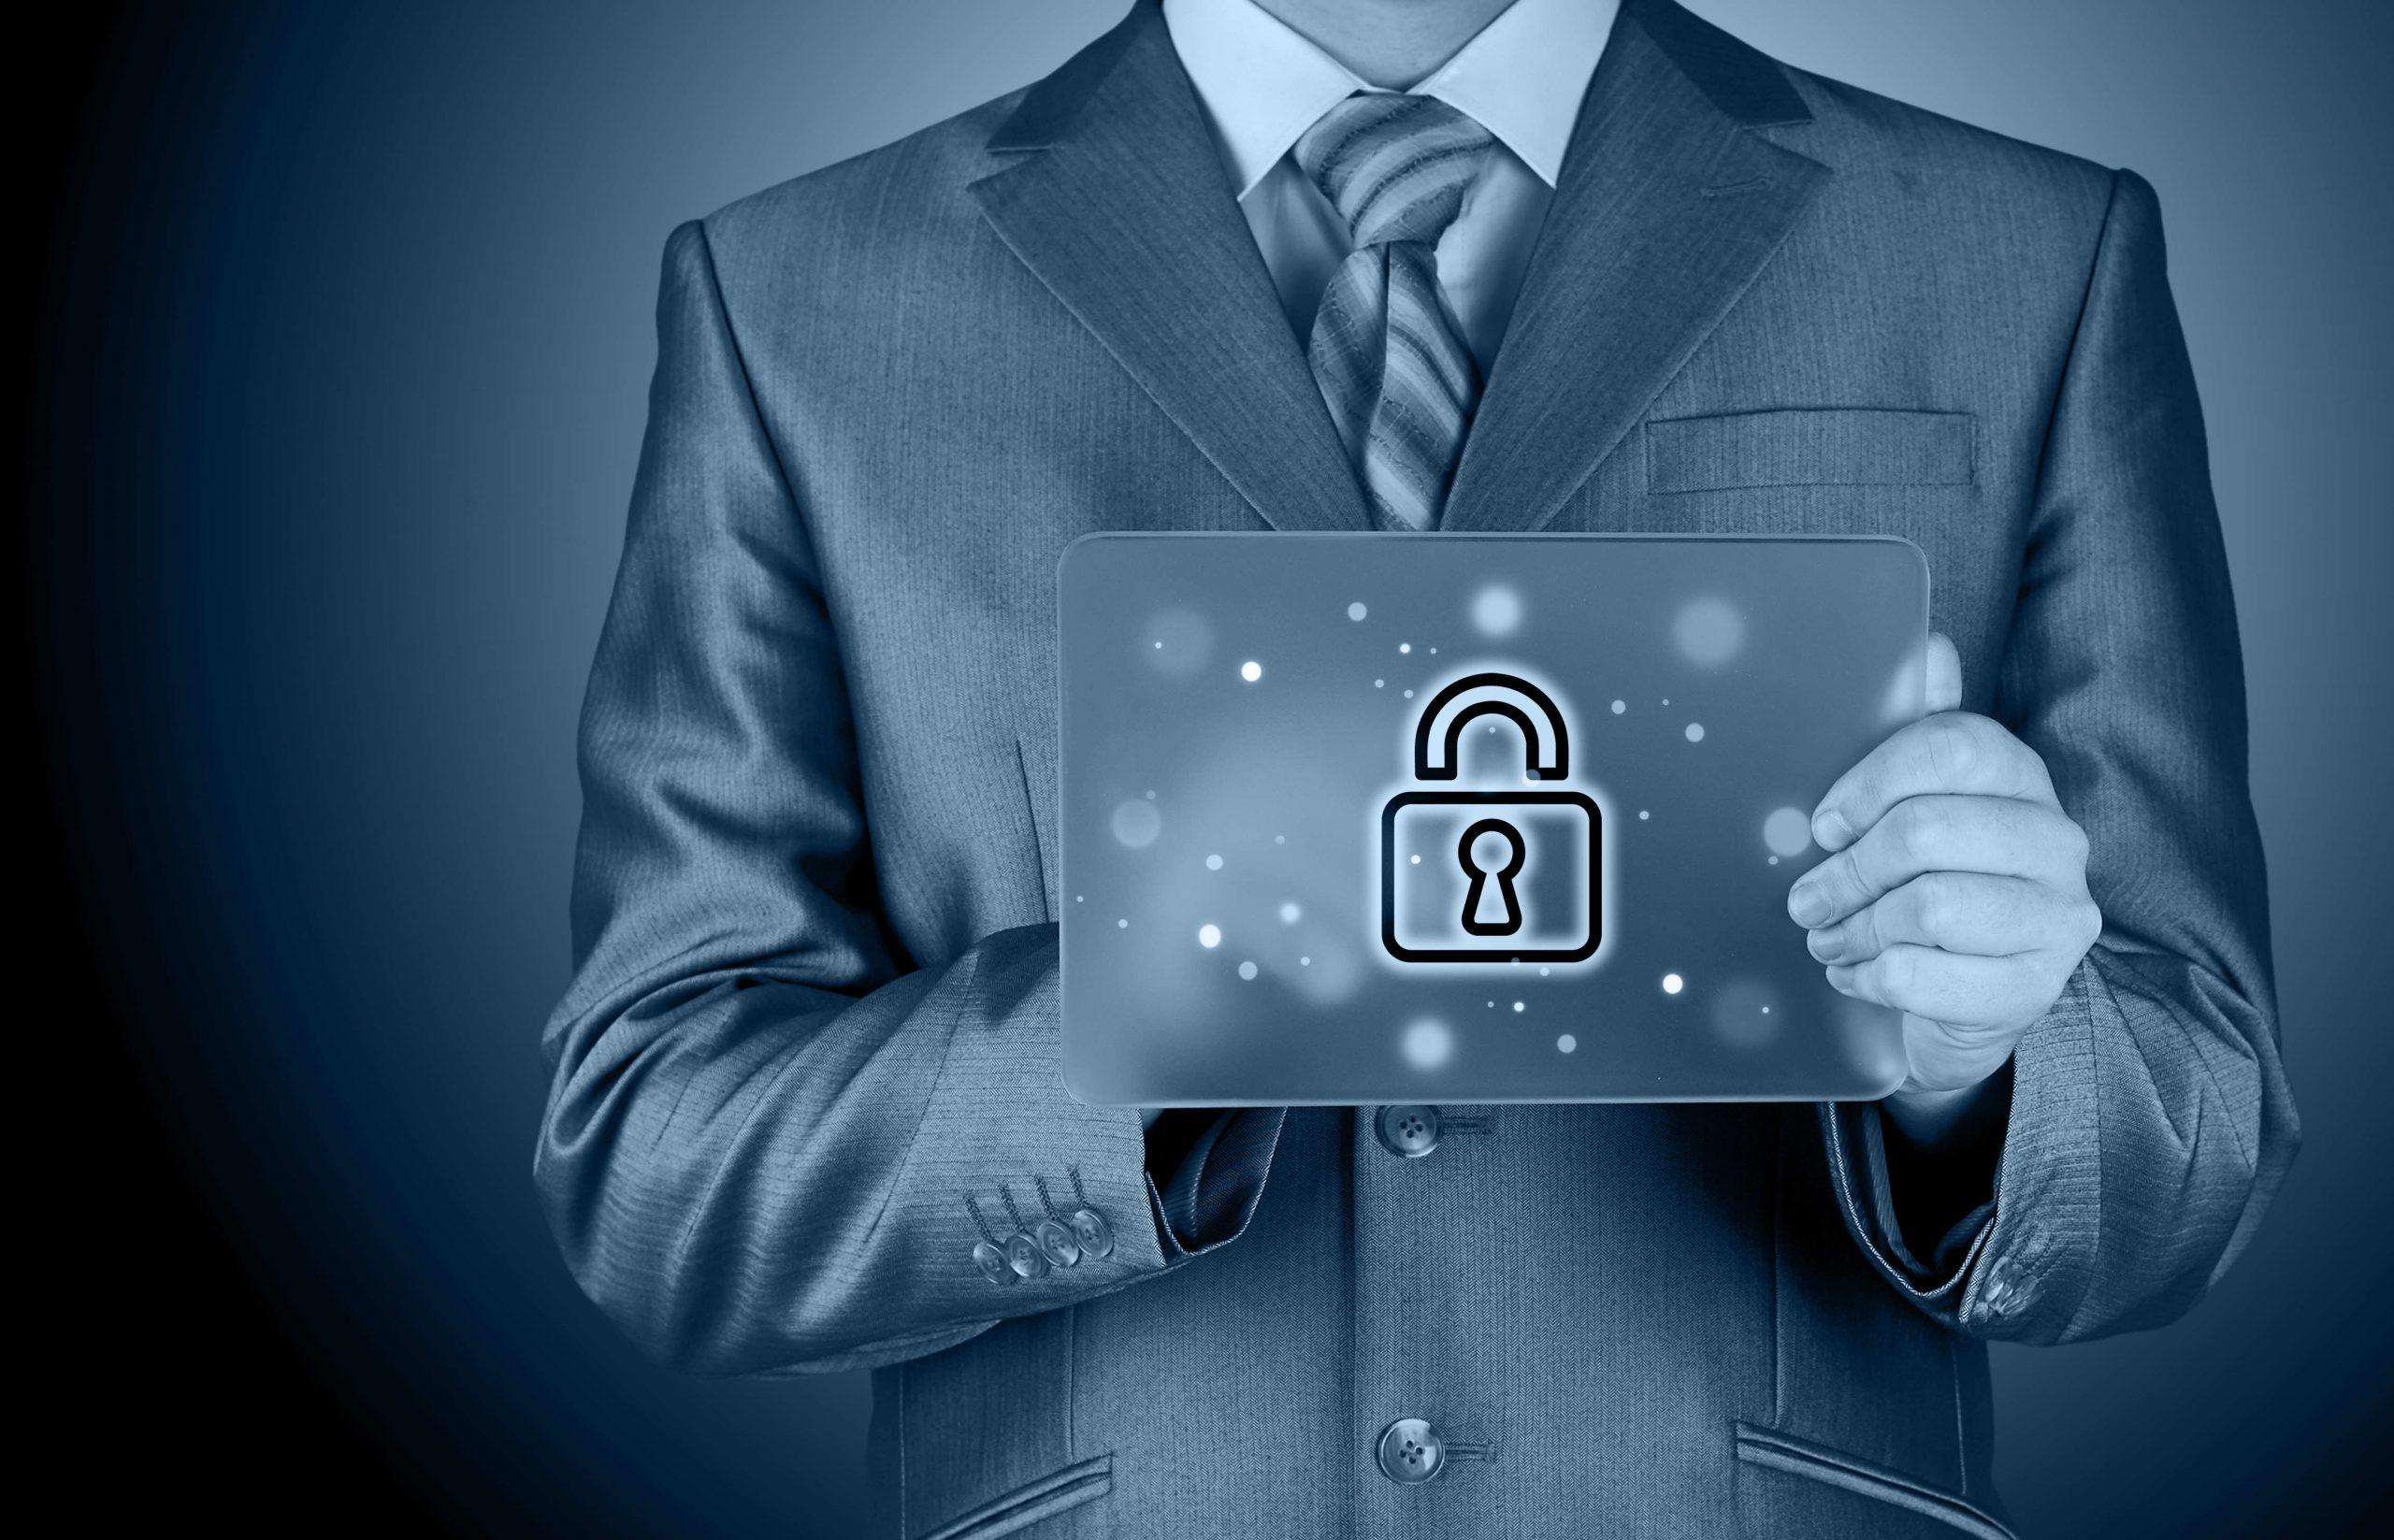 Ciberseguridad también en el hogar